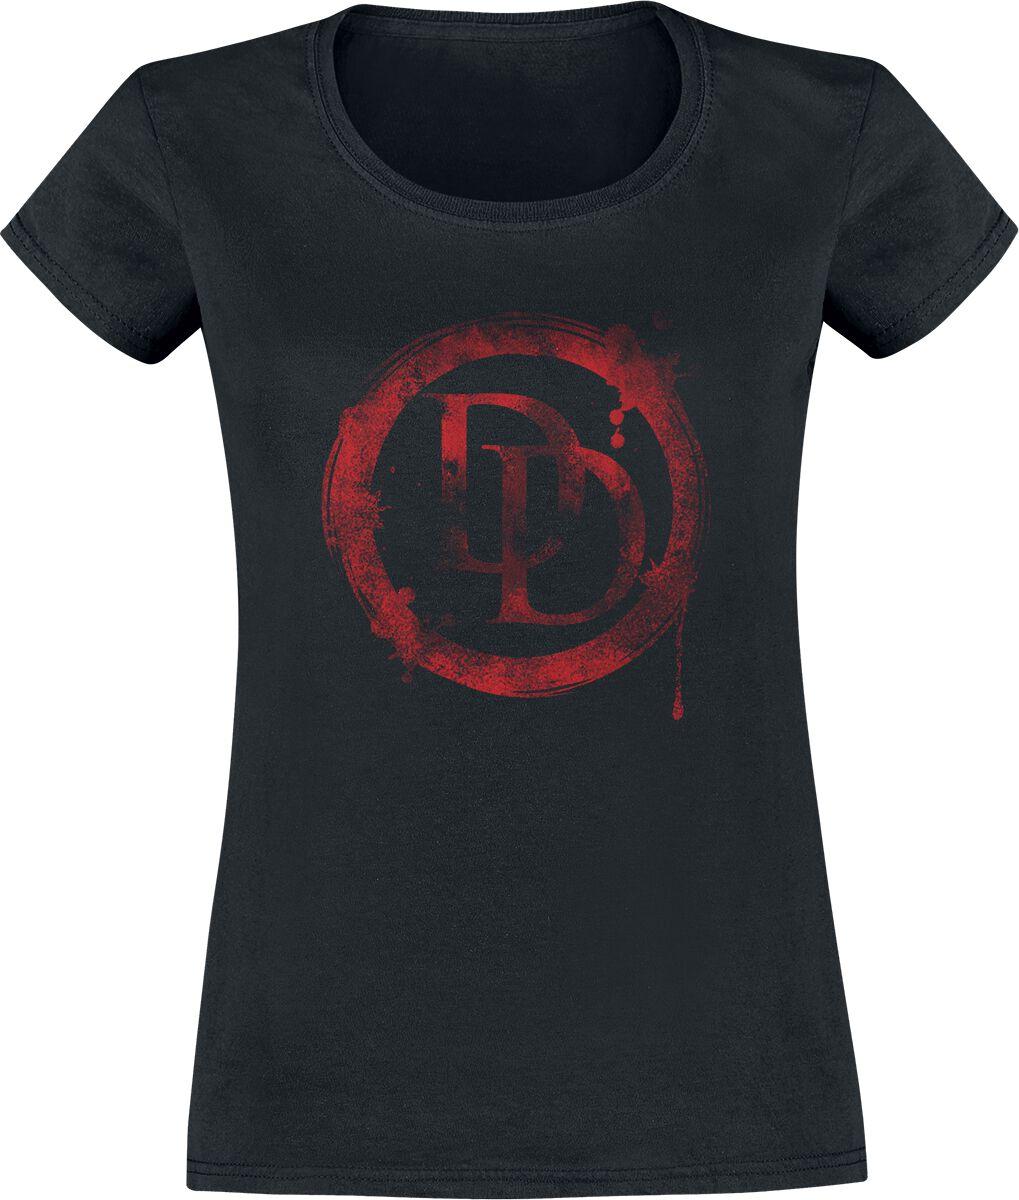 Daredevil Daredevil T-Shirt schwarz MCU00969 SKB1X - FOTL IC-61-432-0